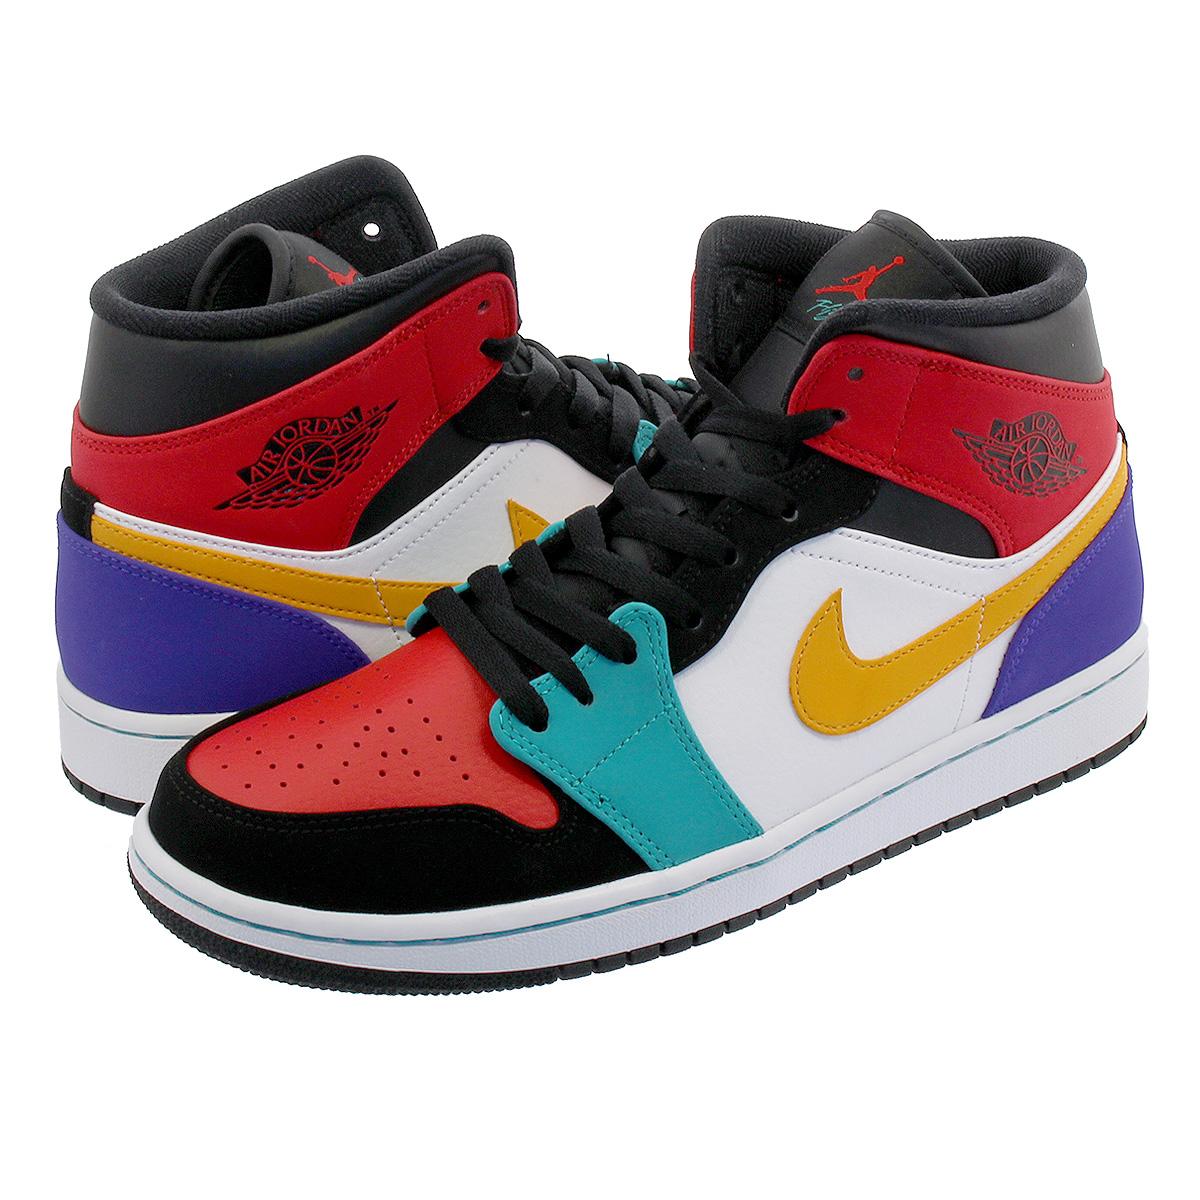 1c792bbe0798 LOWTEX BIG-SMALL SHOP  NIKE AIR JORDAN 1 MID Nike Air Jordan 1 mid ...